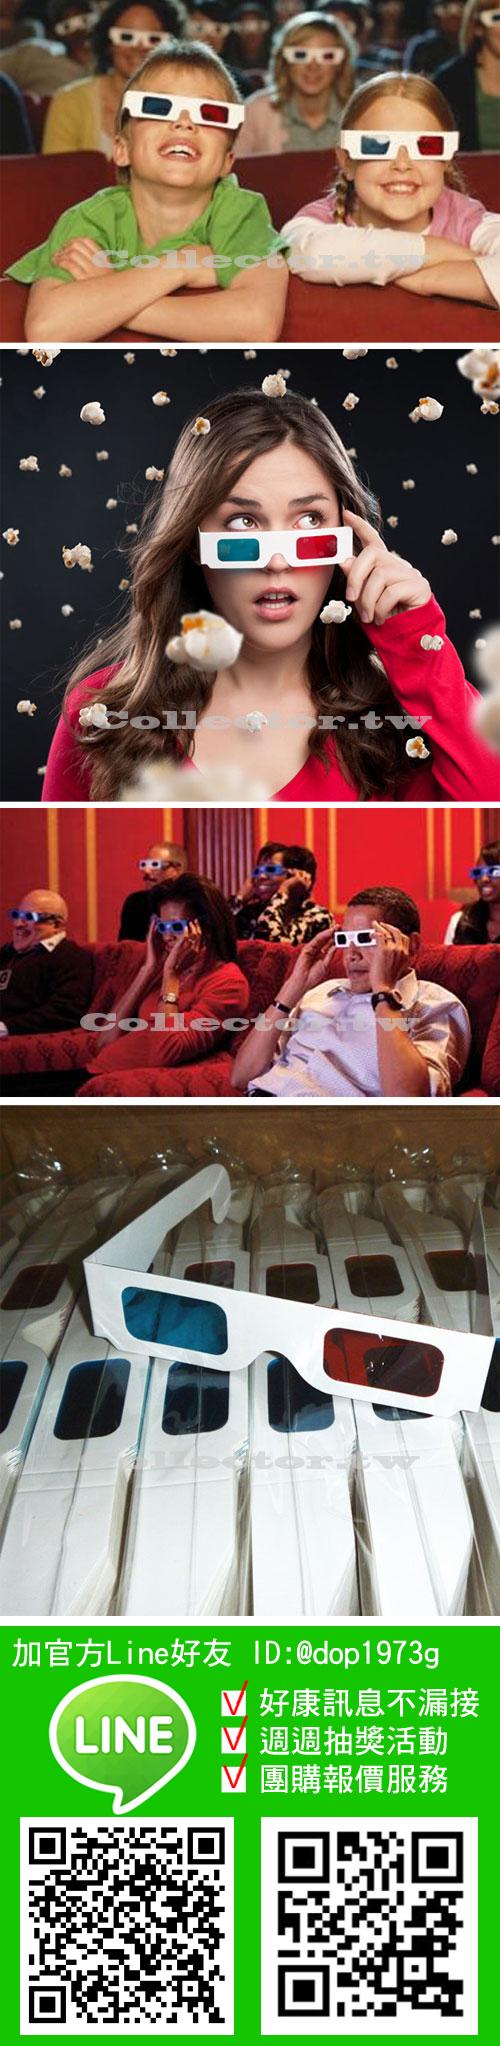 紙製紅藍3D眼鏡 白紙卡3D立體眼鏡 3D電影專用眼鏡 圖示介紹1